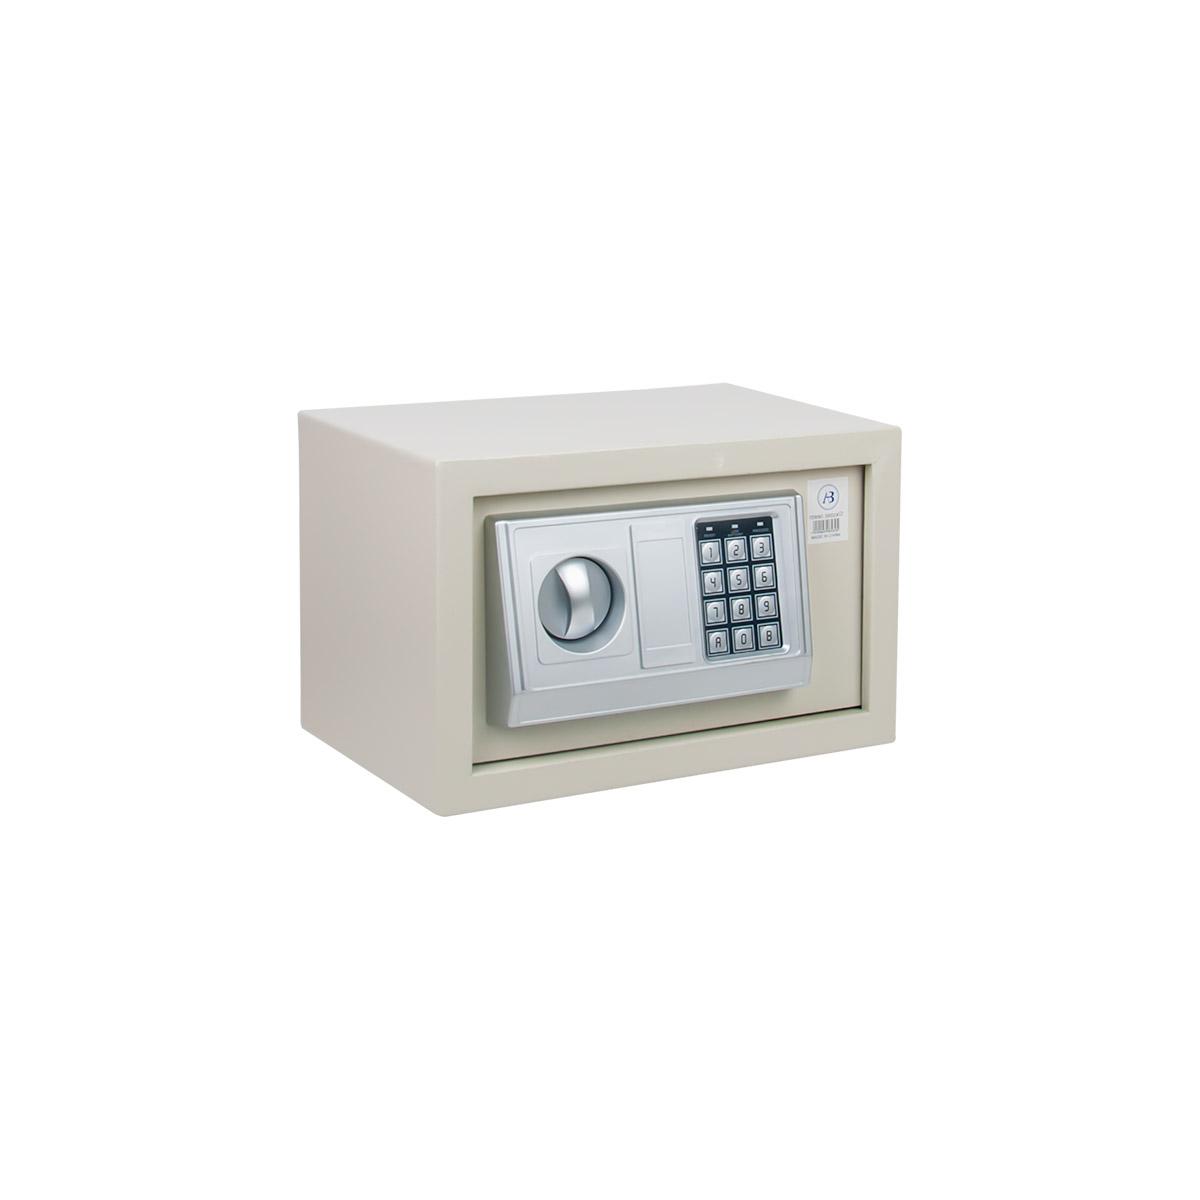 خزانة حديد رقمية لون ابيض T-20 رقم 306532